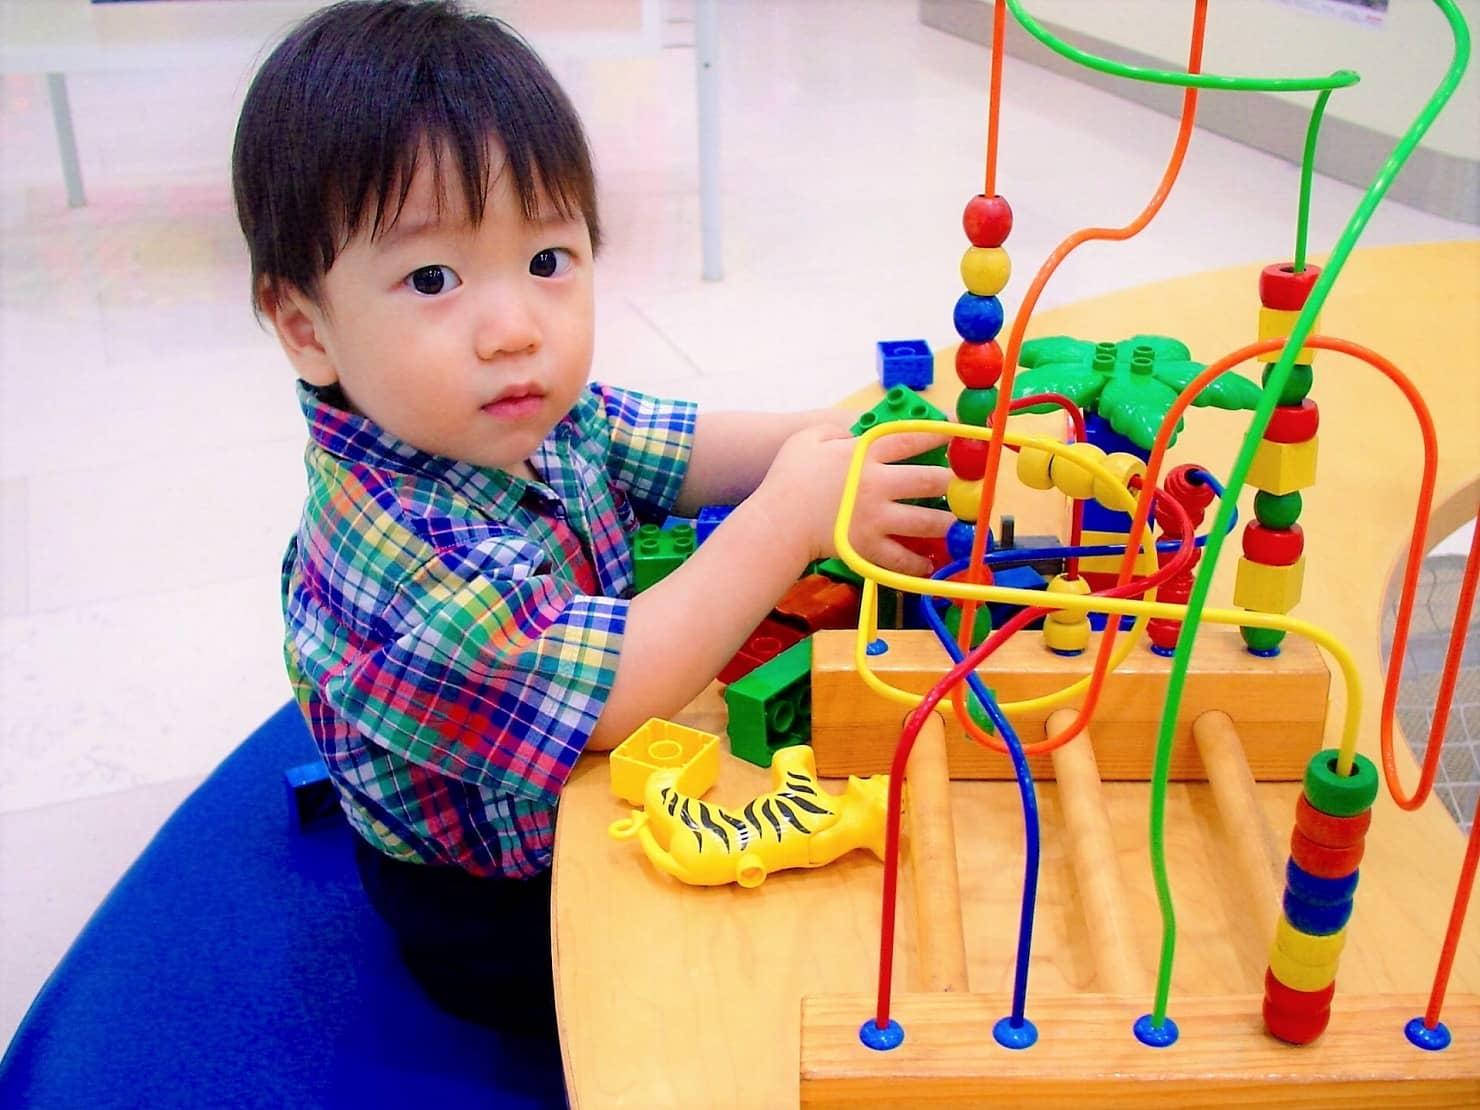 1歳半の子供におすすめなおもちゃ7選! 男の子女の子別に人気なおもちゃをご紹介